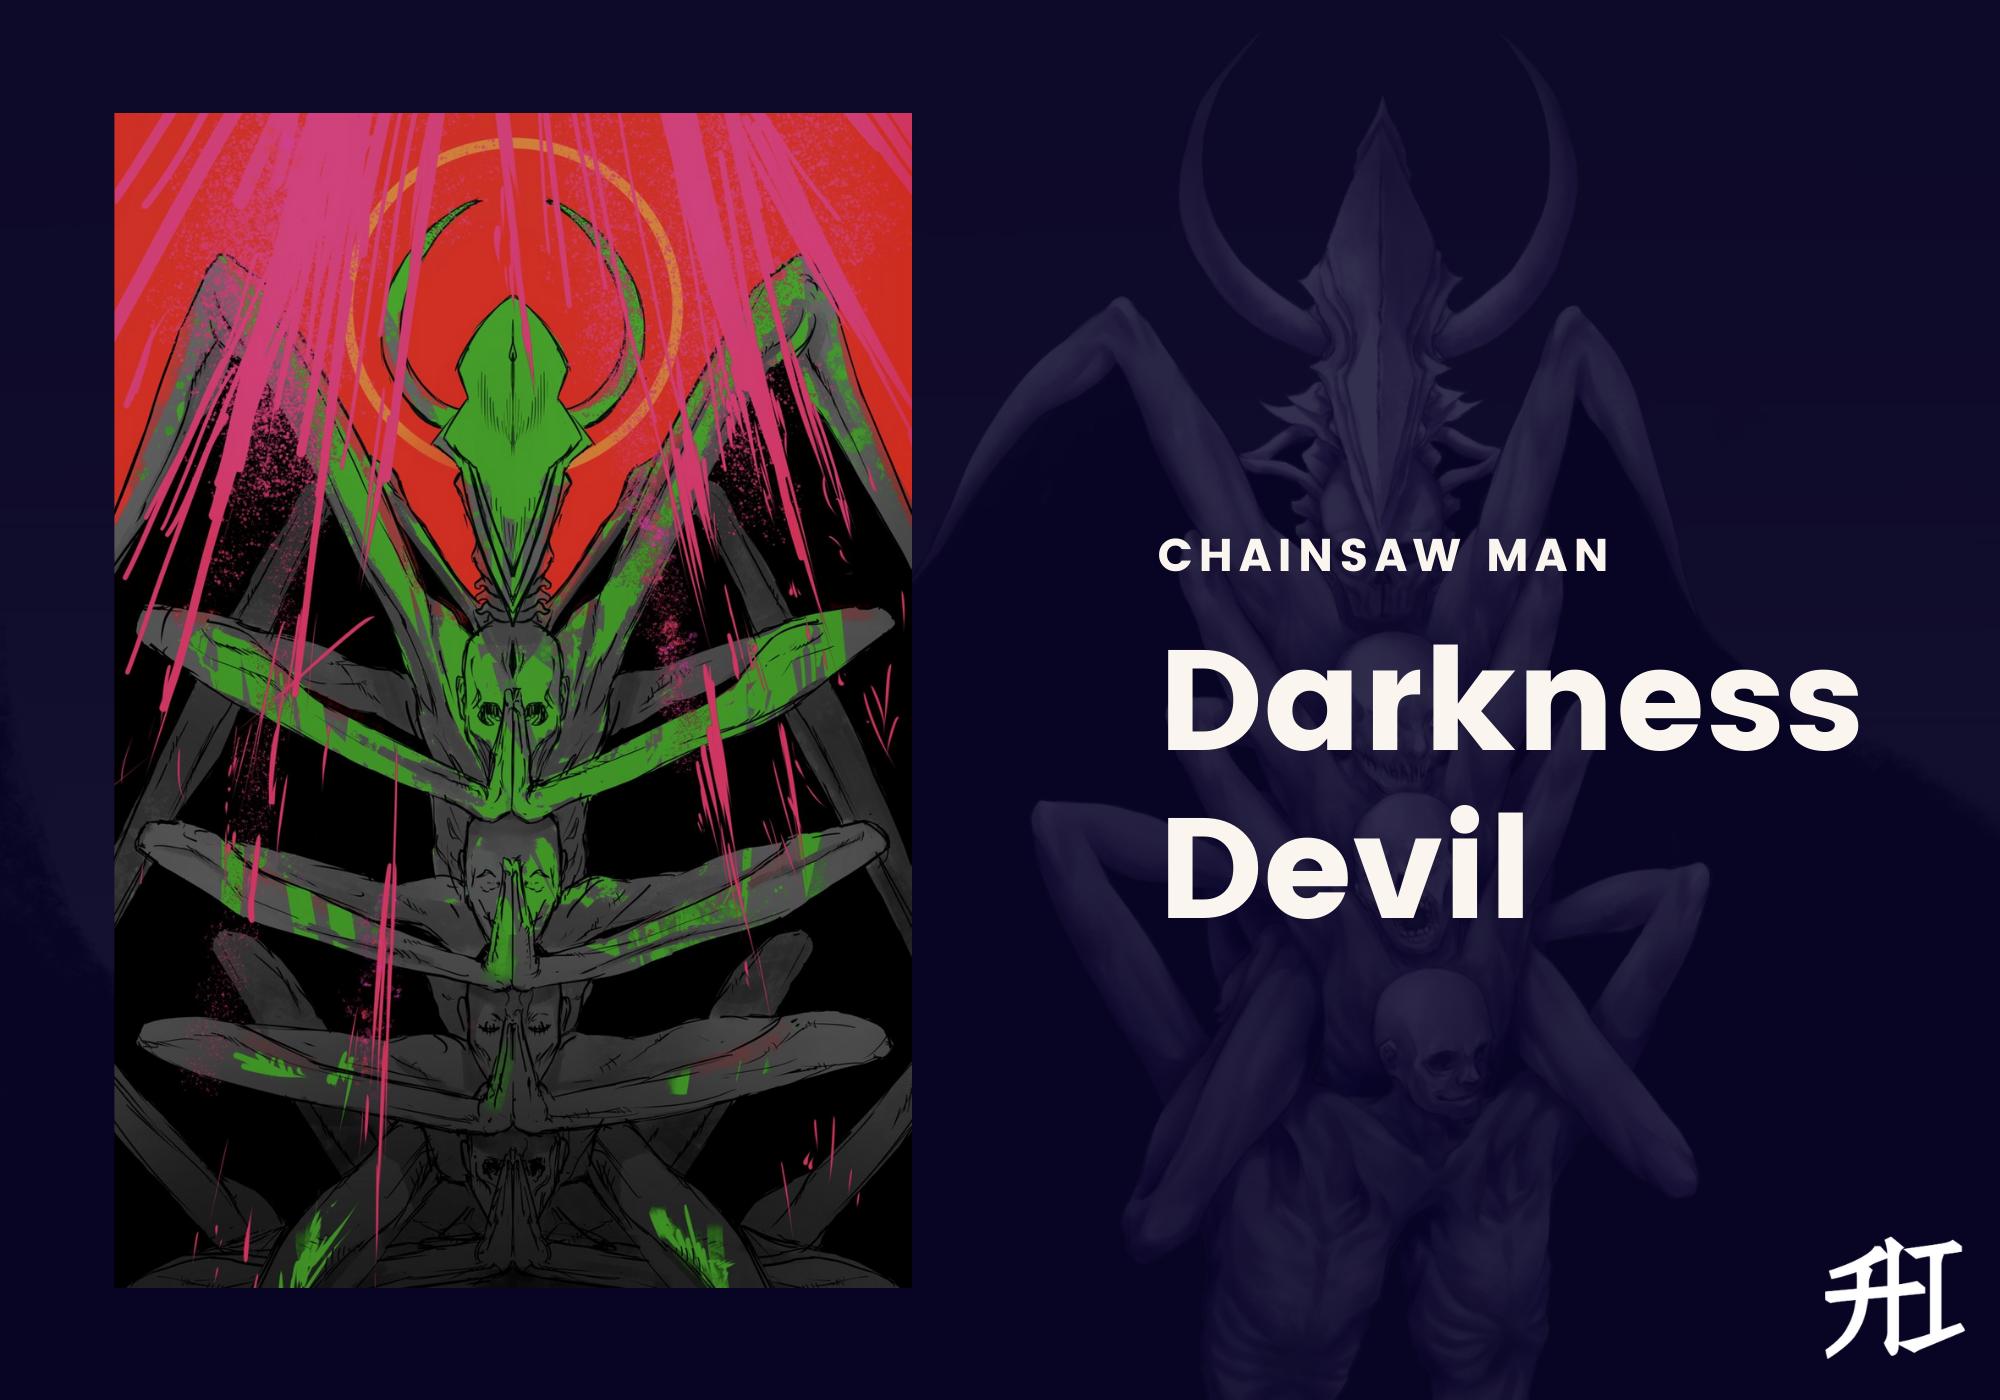 Darkness Devil chainsaw man